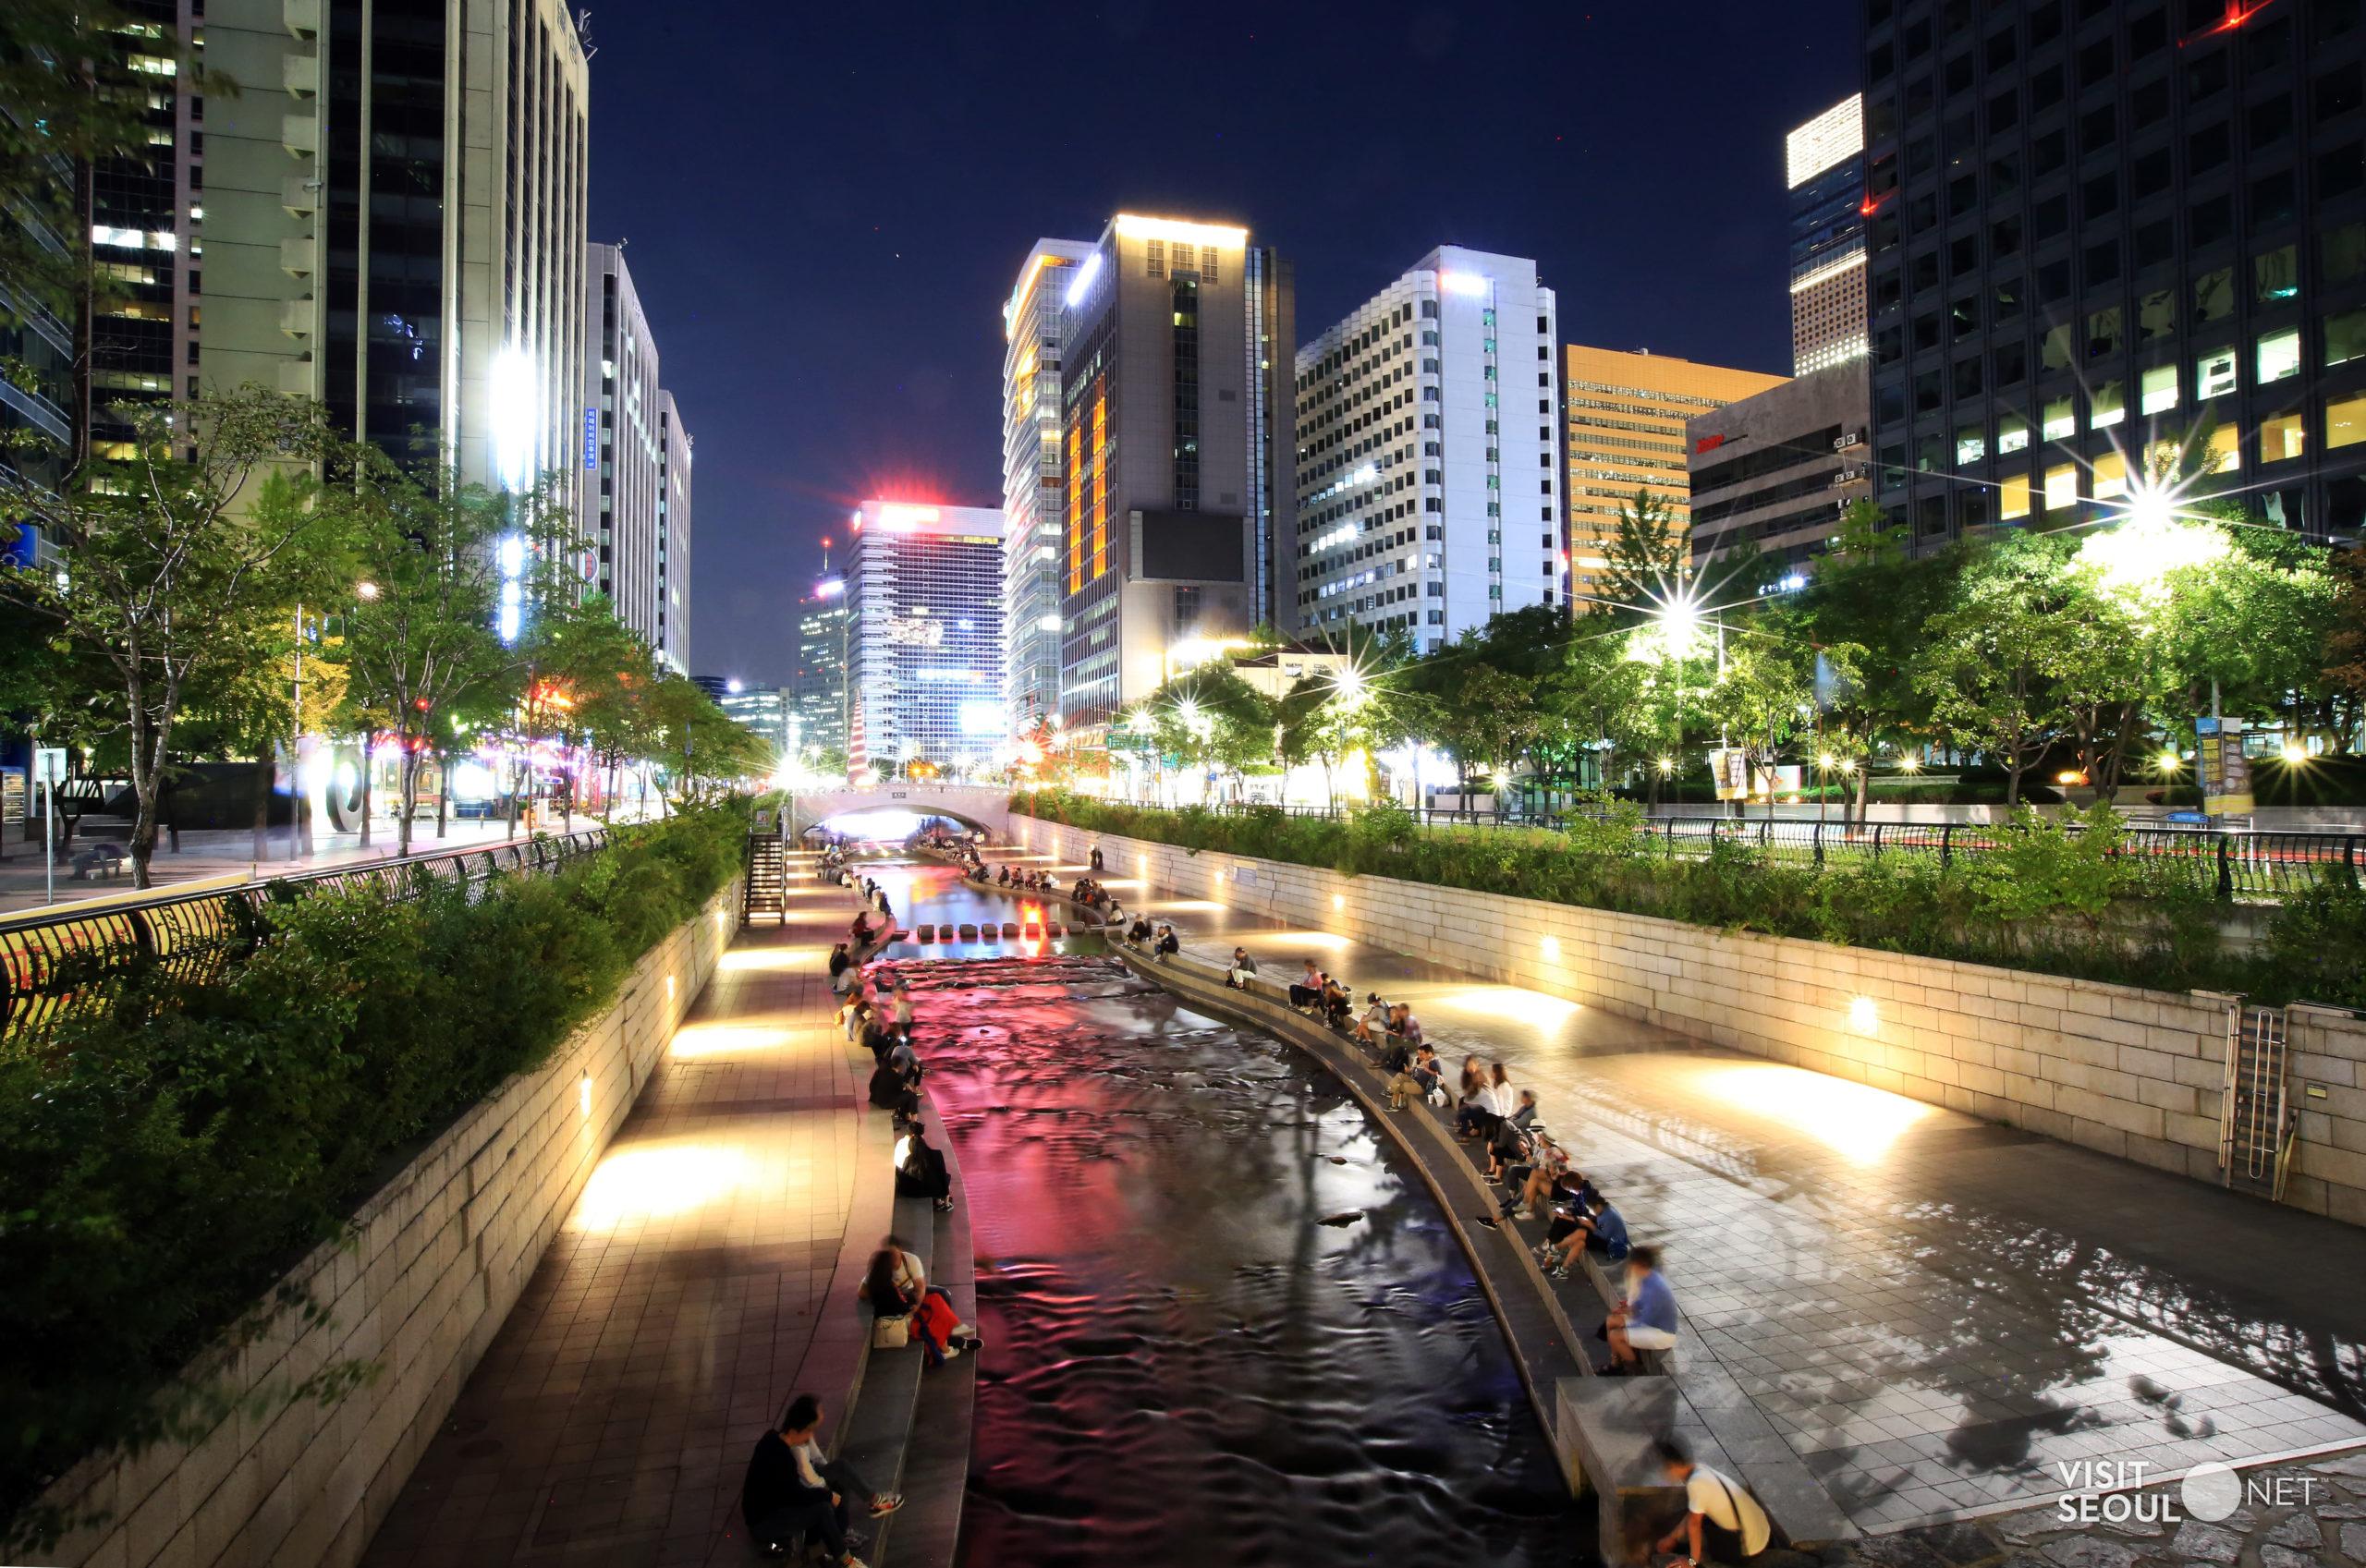 Der Fluss Cheonggyecheon